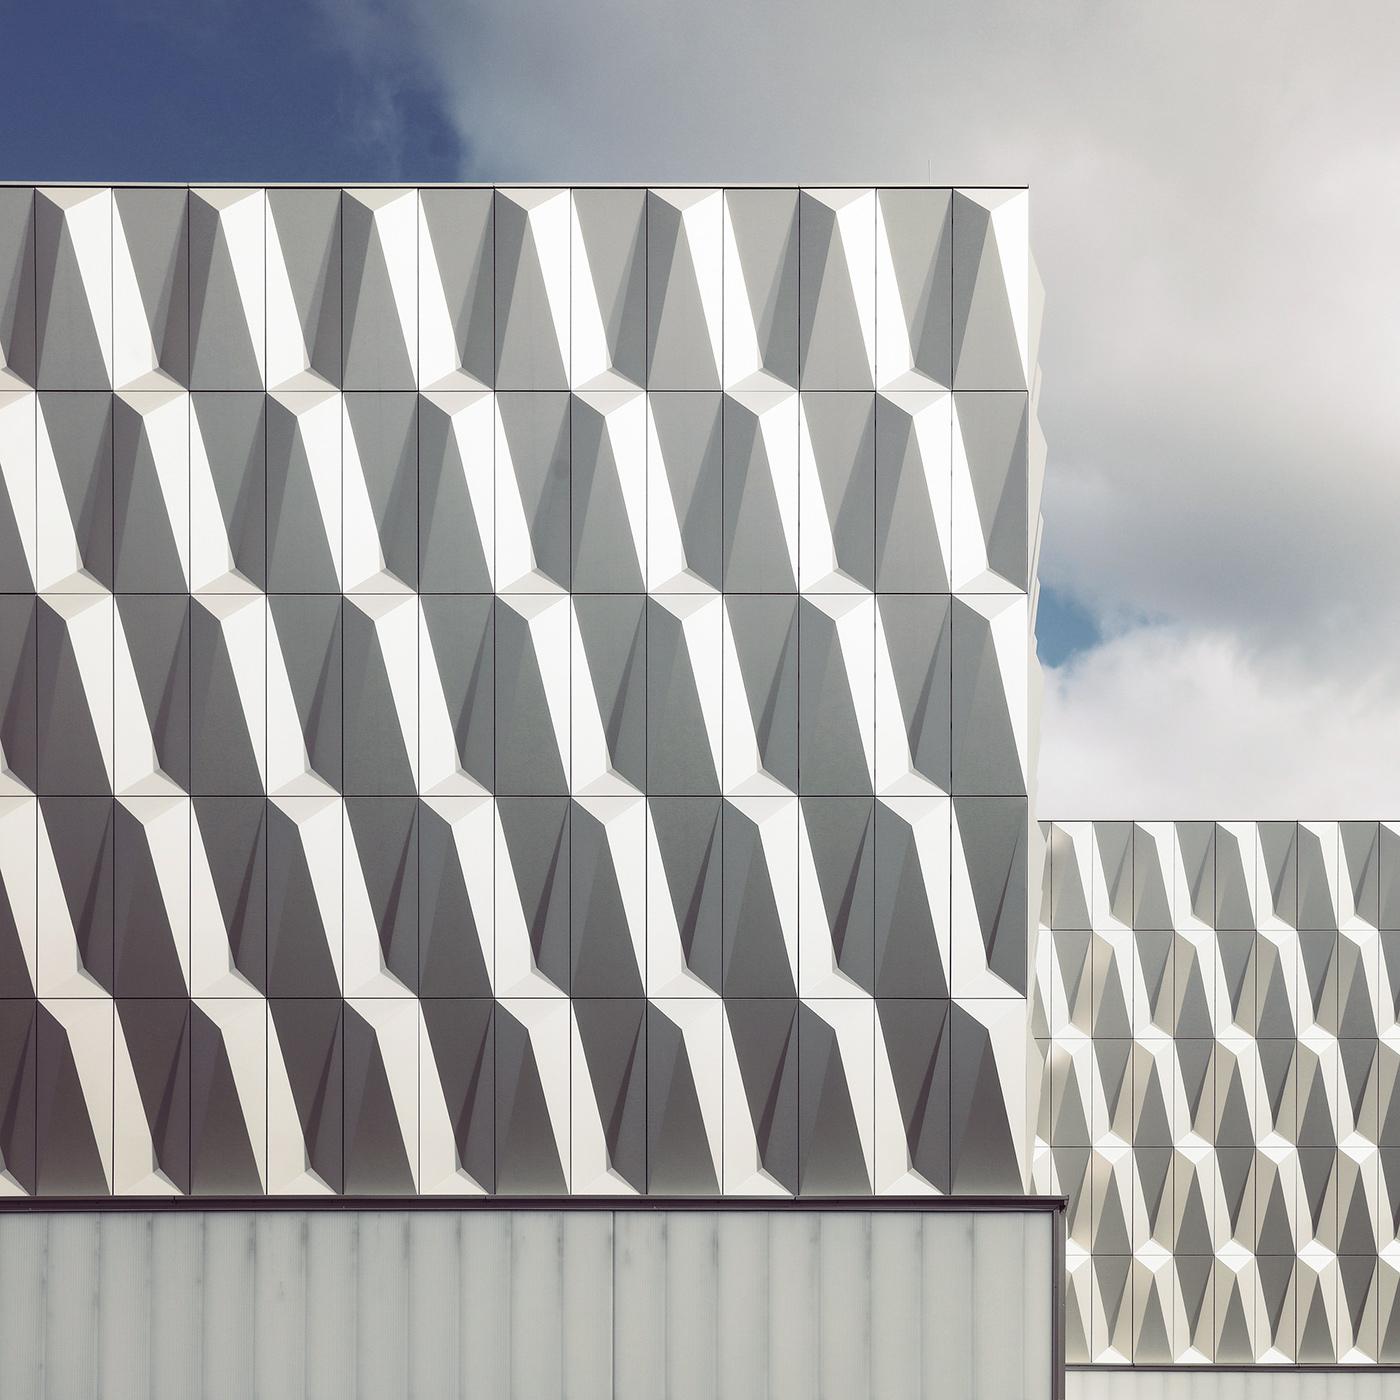 DIY-Store <br />Location: Berlin, Germany <br />Architects: Thomas Müller Ivan Reimann Architekten